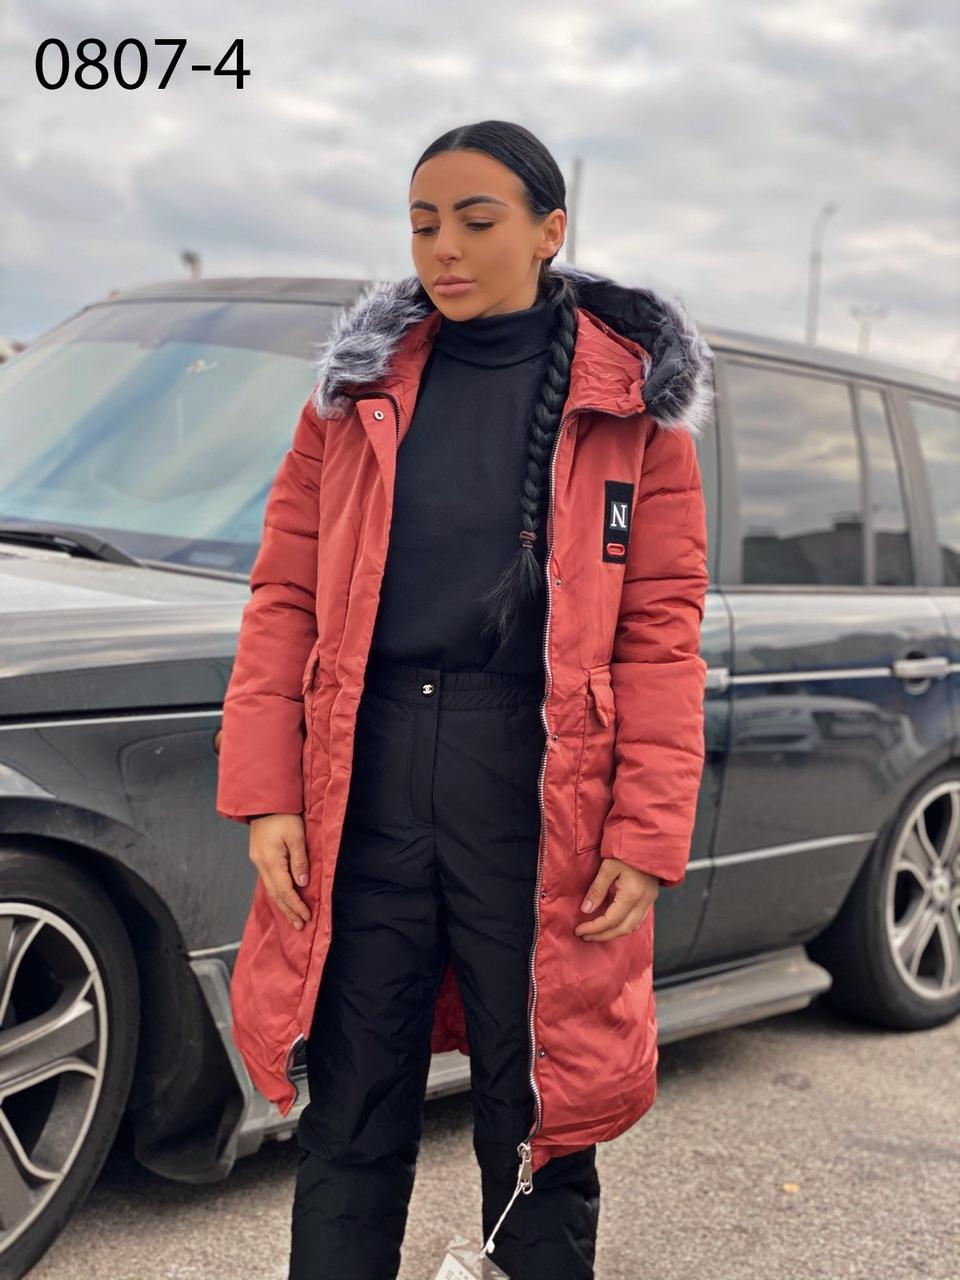 Куртка теплая плащевая женская  на синтепоне 200, терракот и черный